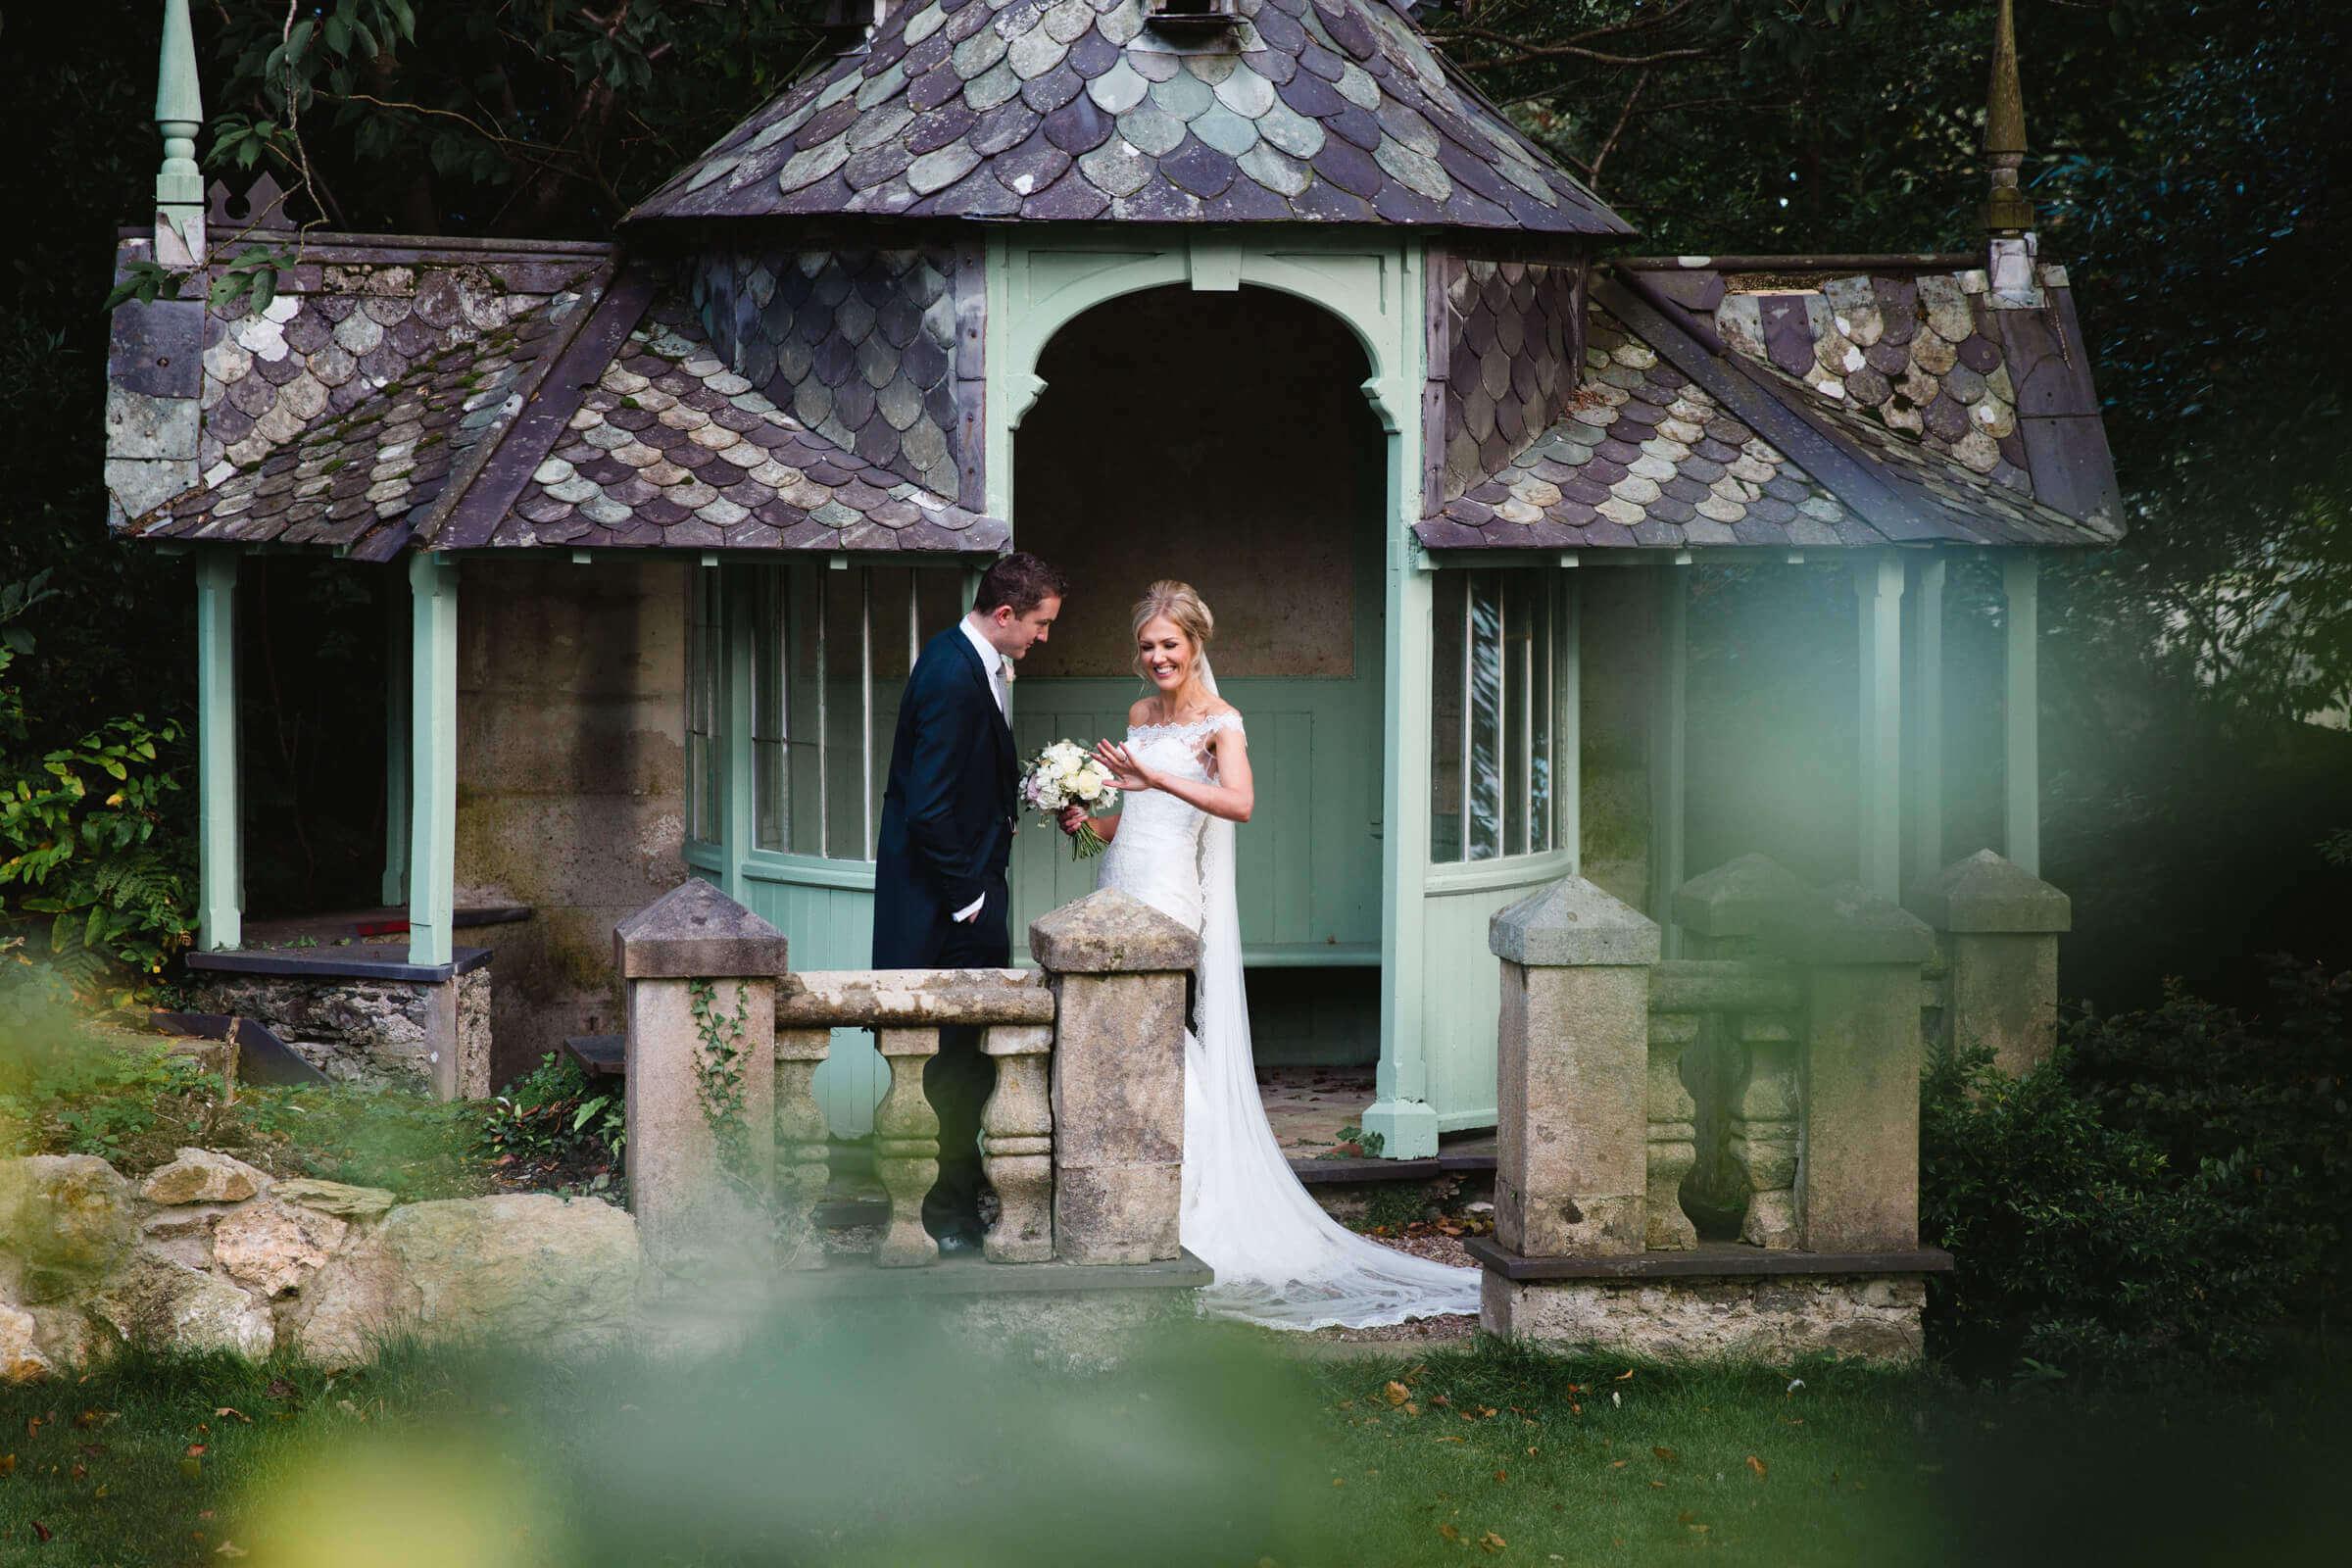 Chateau_Rhianfa_Wedding_Photography_041.jpg